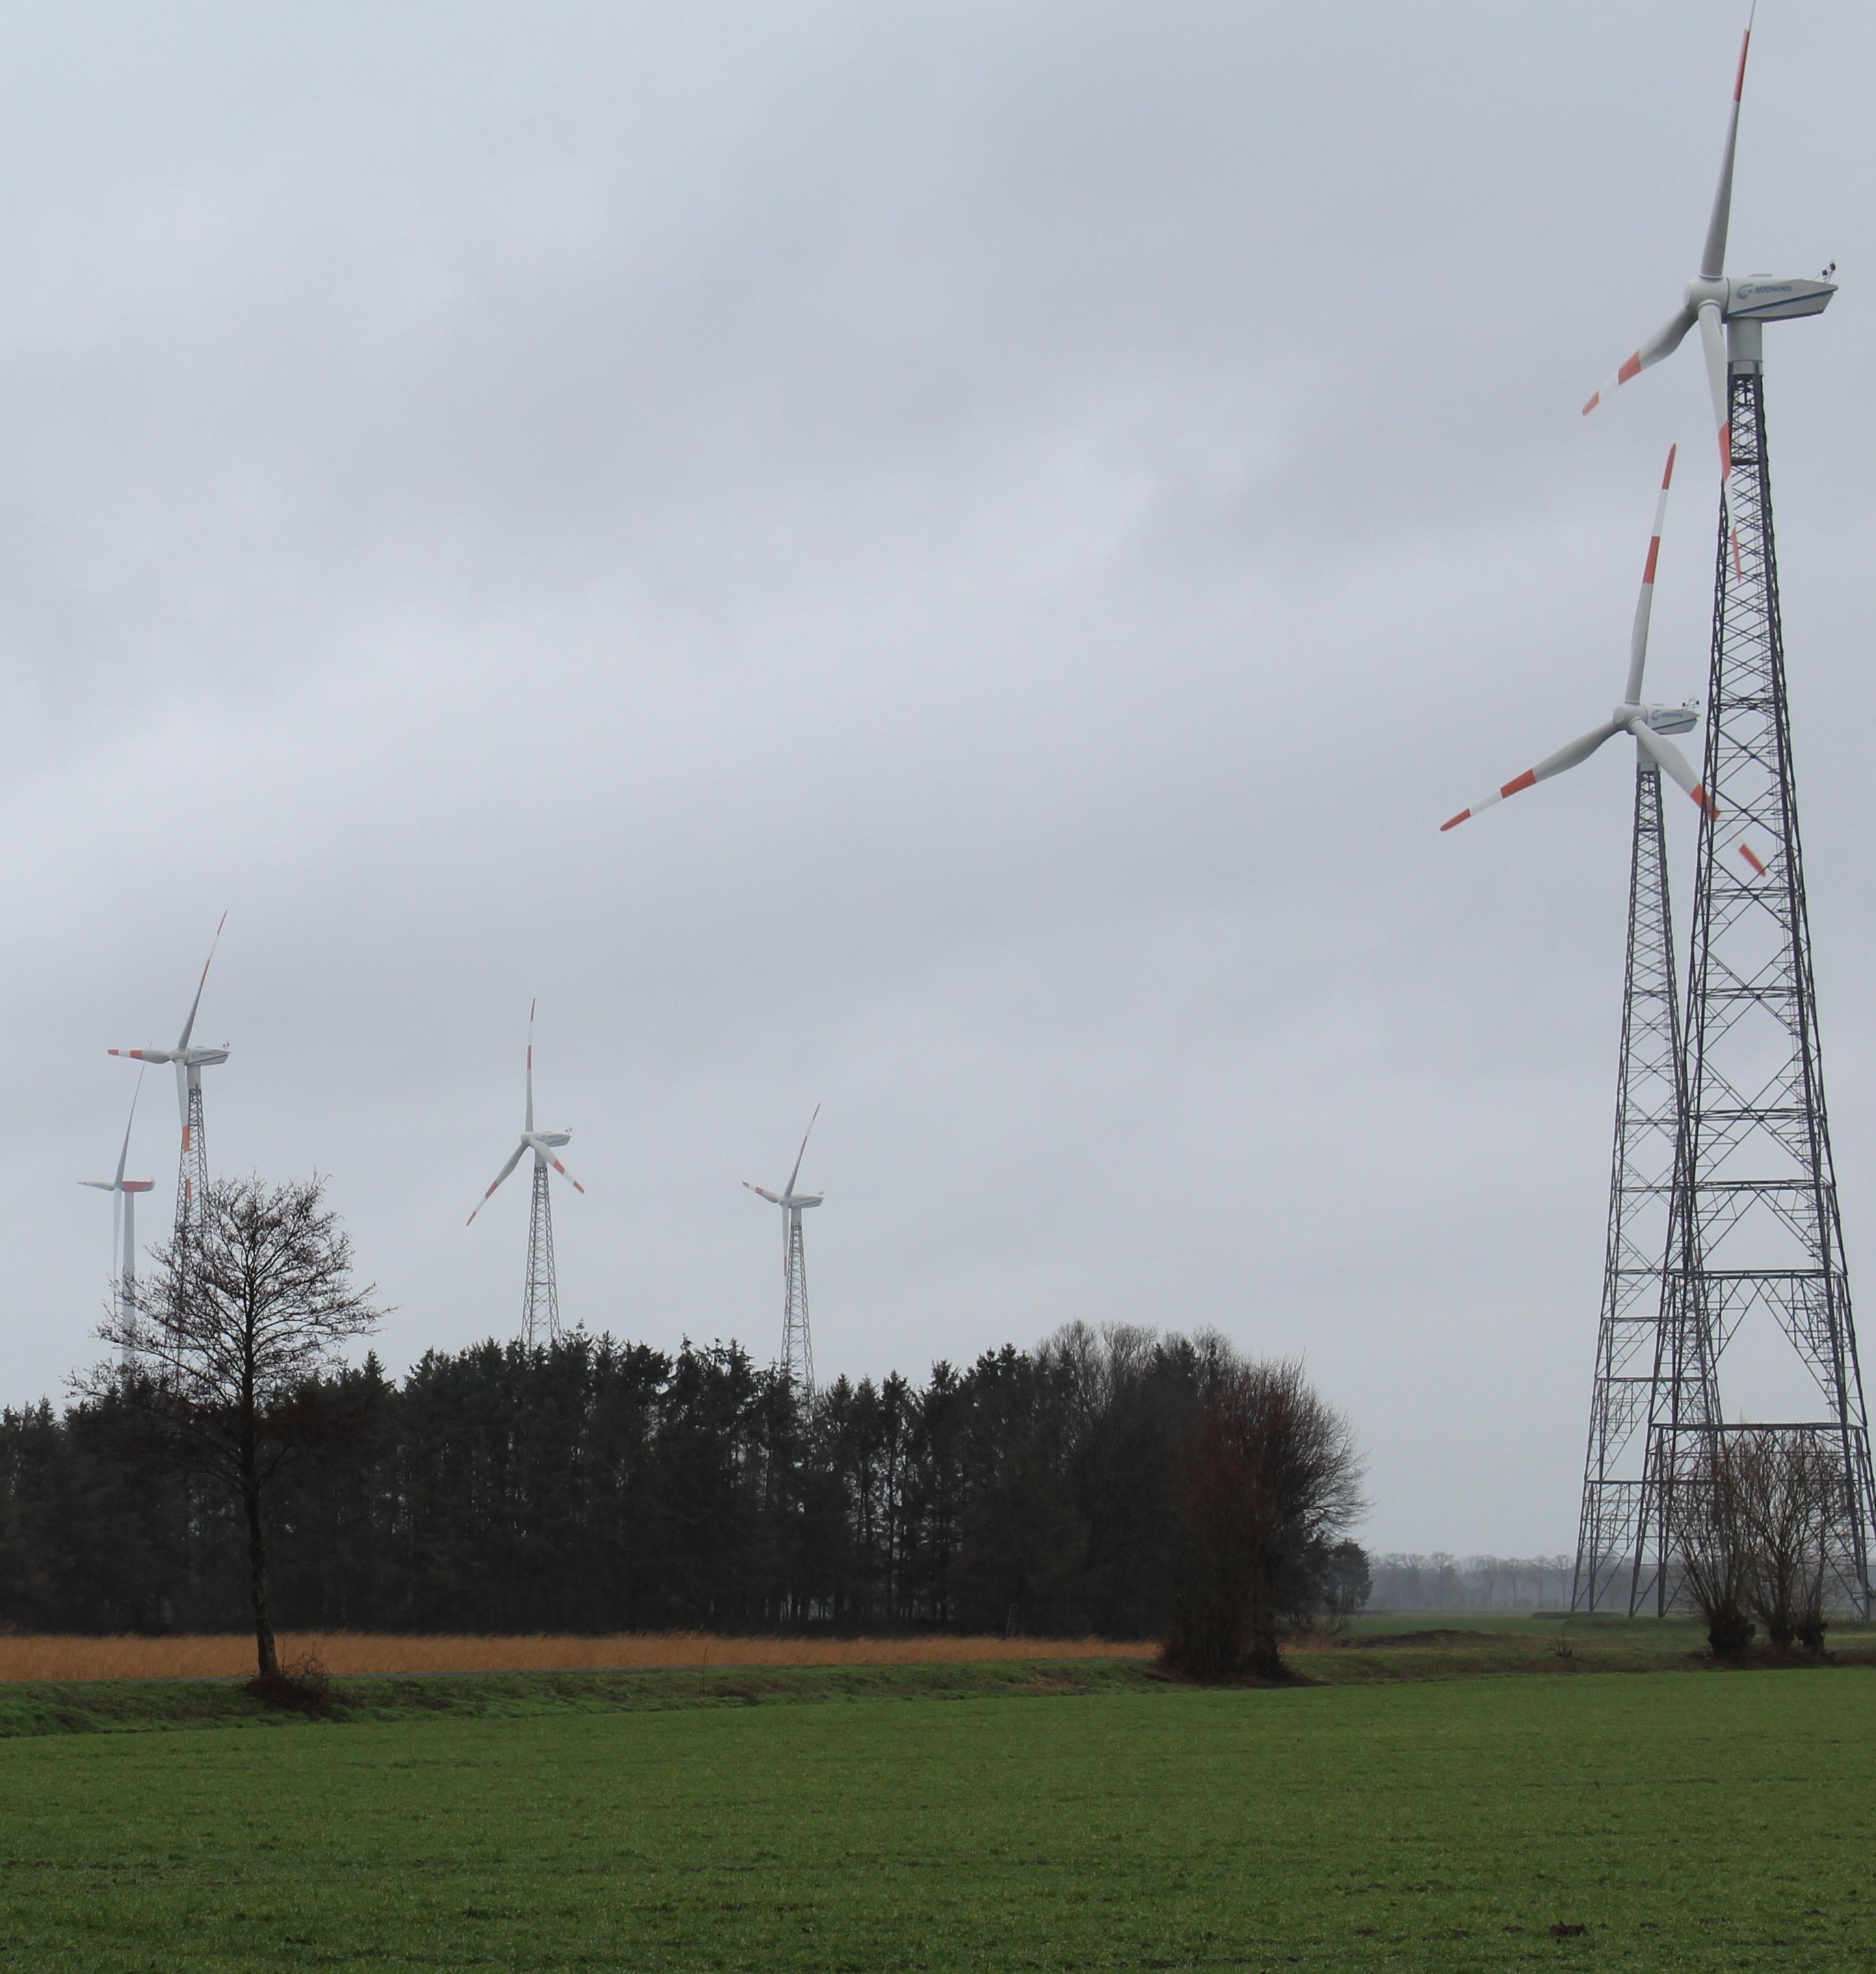 Das ist der Windpark Badbergen-Dinklage: Die Betreiber wollen die fünf in Bünne bestehenden Anlagen durch vier neue, leistungsfähigere und vor allem größere Windräder ersetzen. Foto: Bergmann